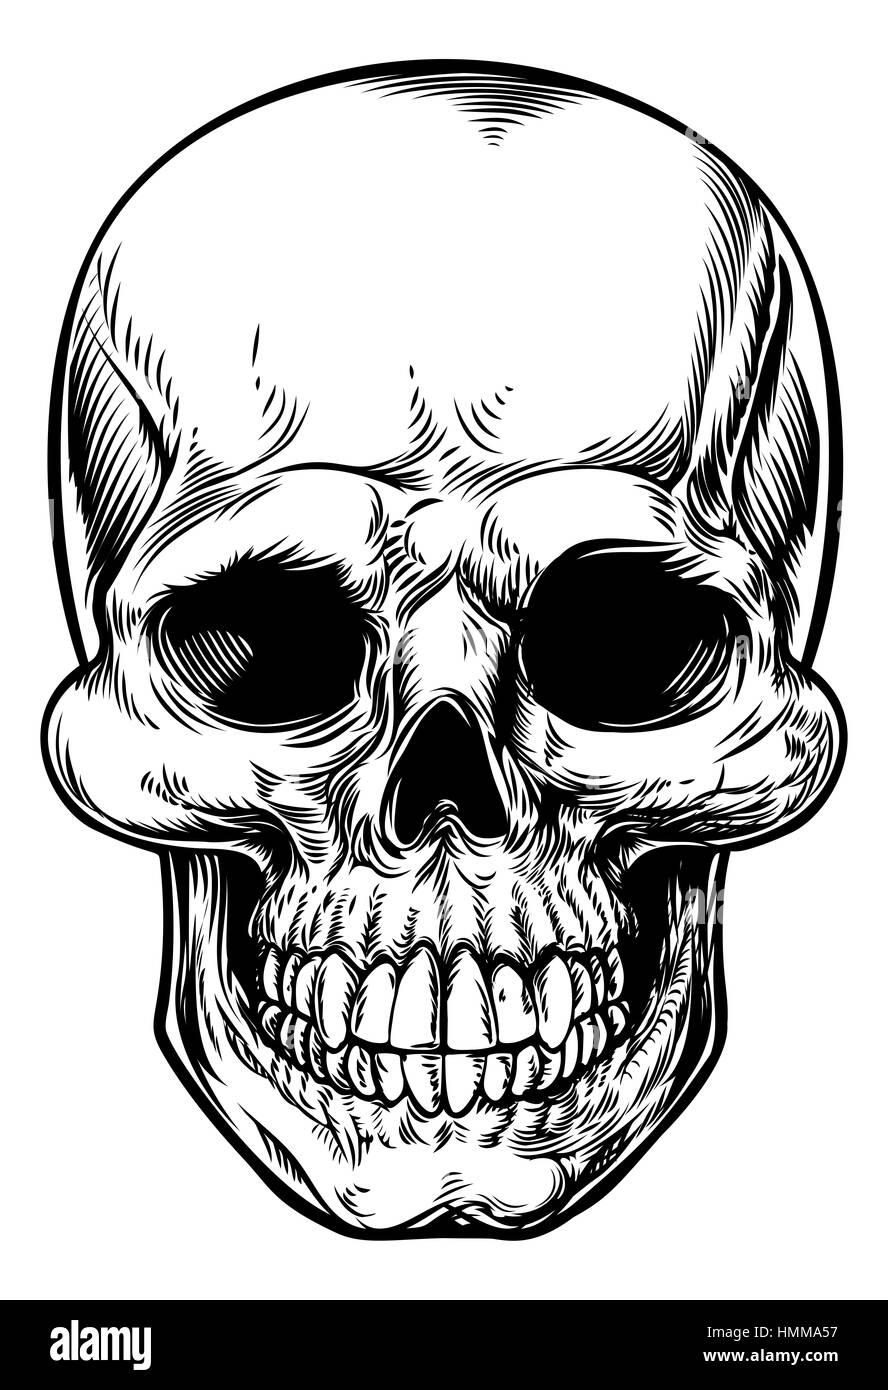 Disegno del cranio in un vintage retrò xilografia incisa o stile inciso  Immagini Stock 32ff150af593